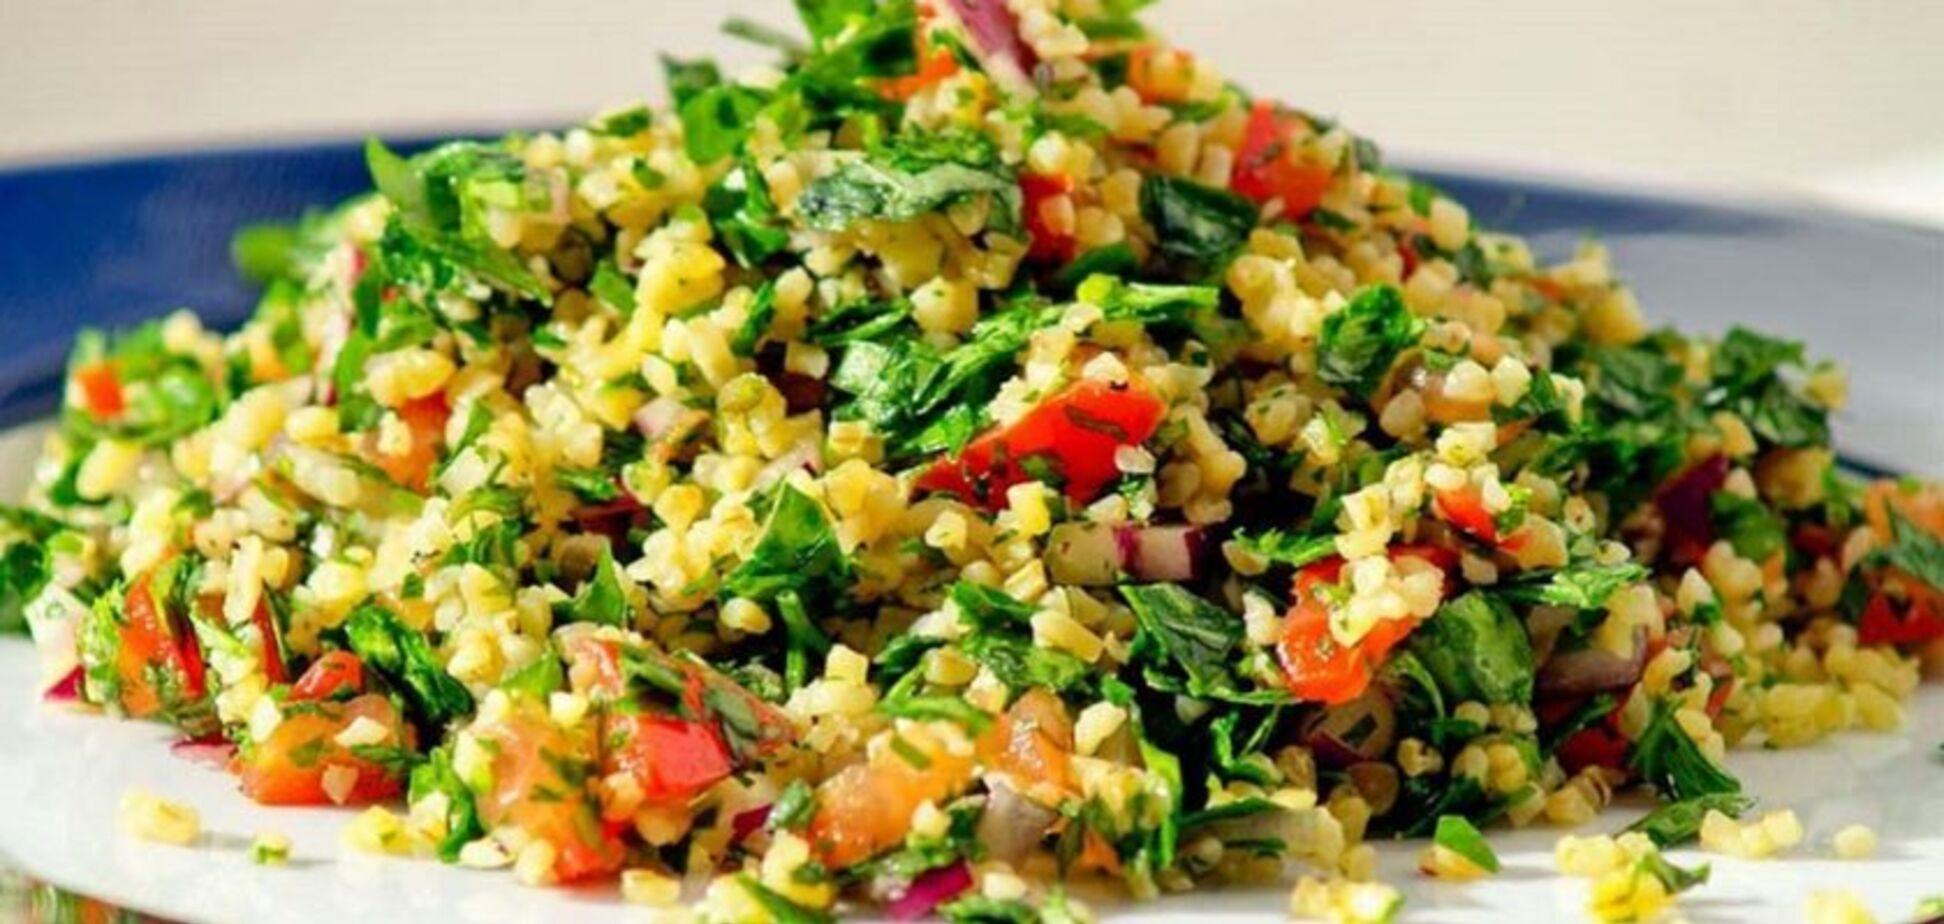 Рецепт цікавого салату зі східної кухні, який вас приємно здивує